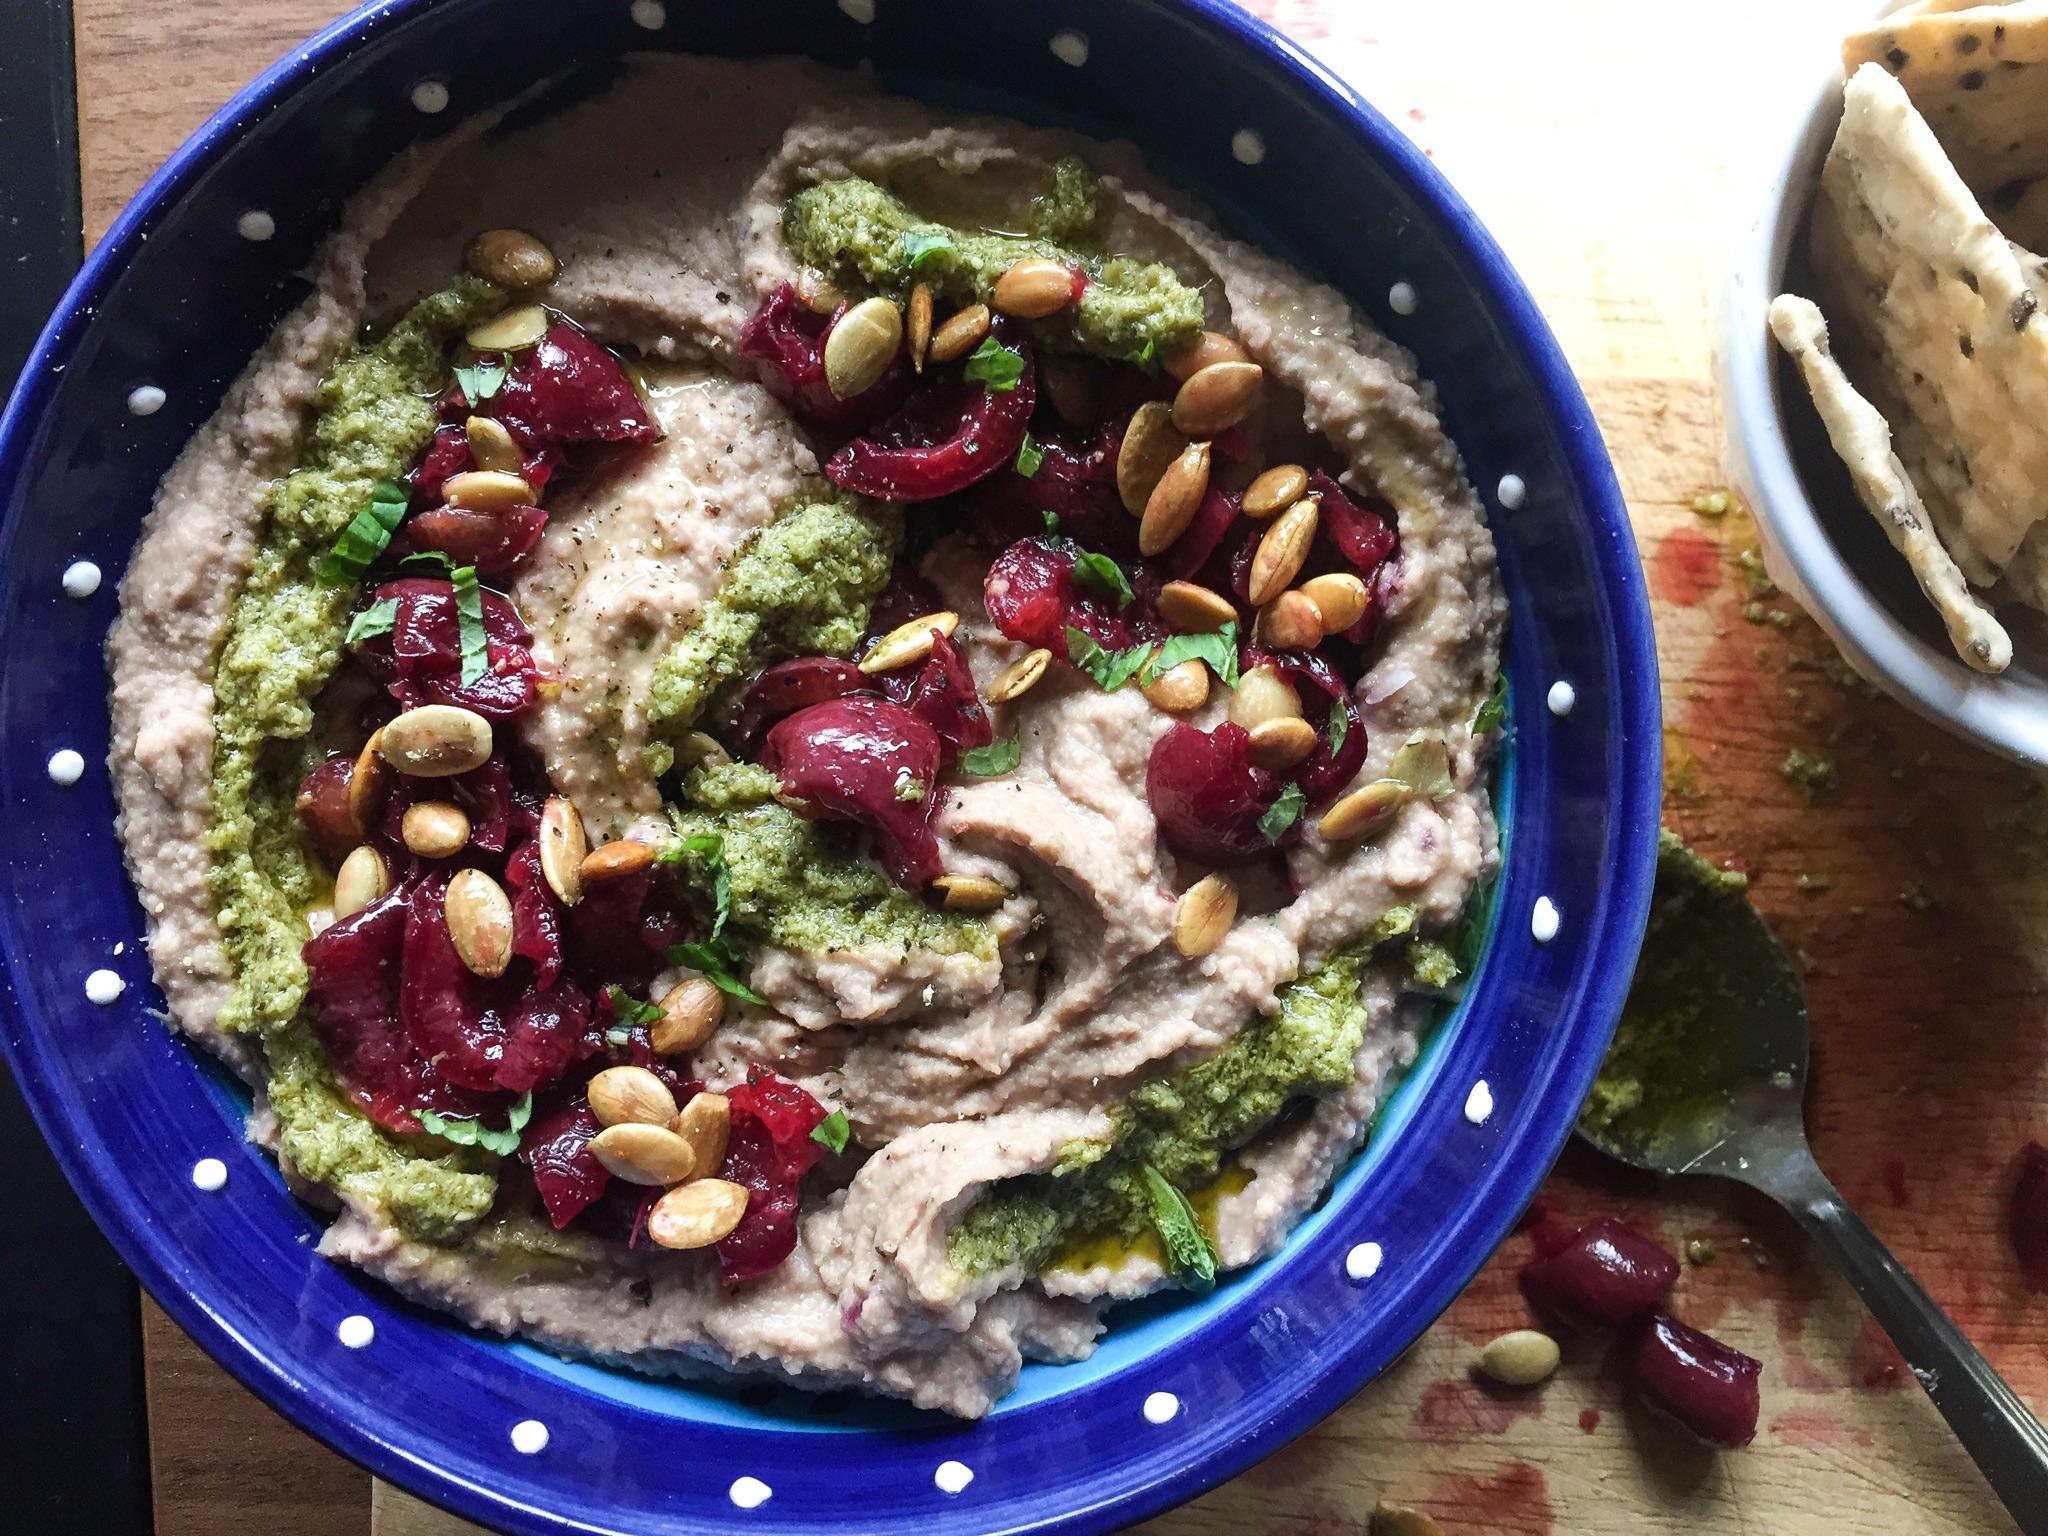 Balsamic Roasted Cherry and Pesto Hummus